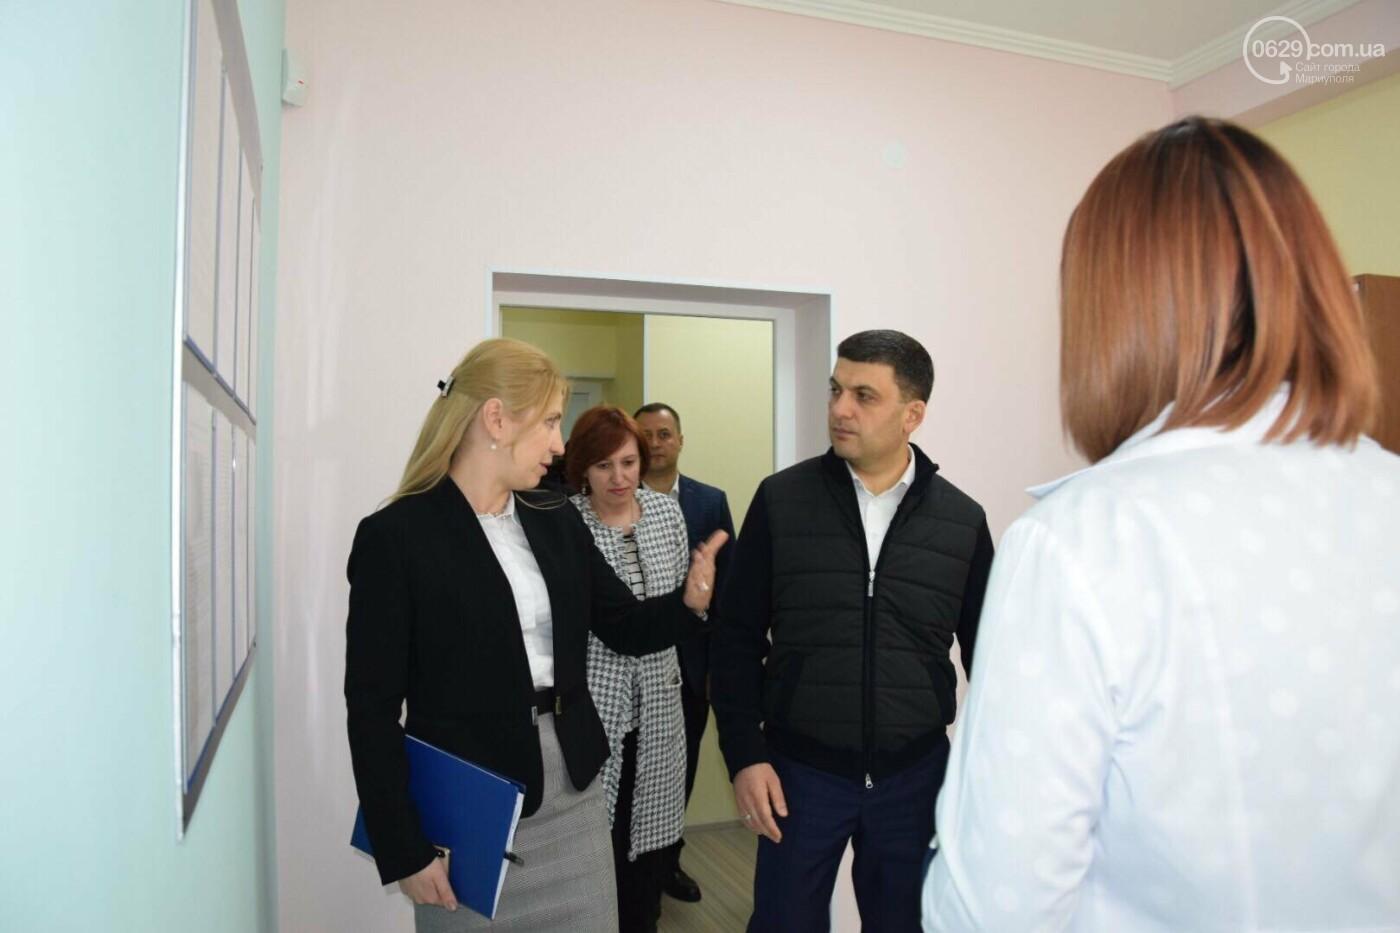 В Мариуполе Владимир Гройсман открыл детскую поликлинику и познакомился с Сережей, - ФОТОРЕПОРТАЖ, ВИДЕО, фото-39